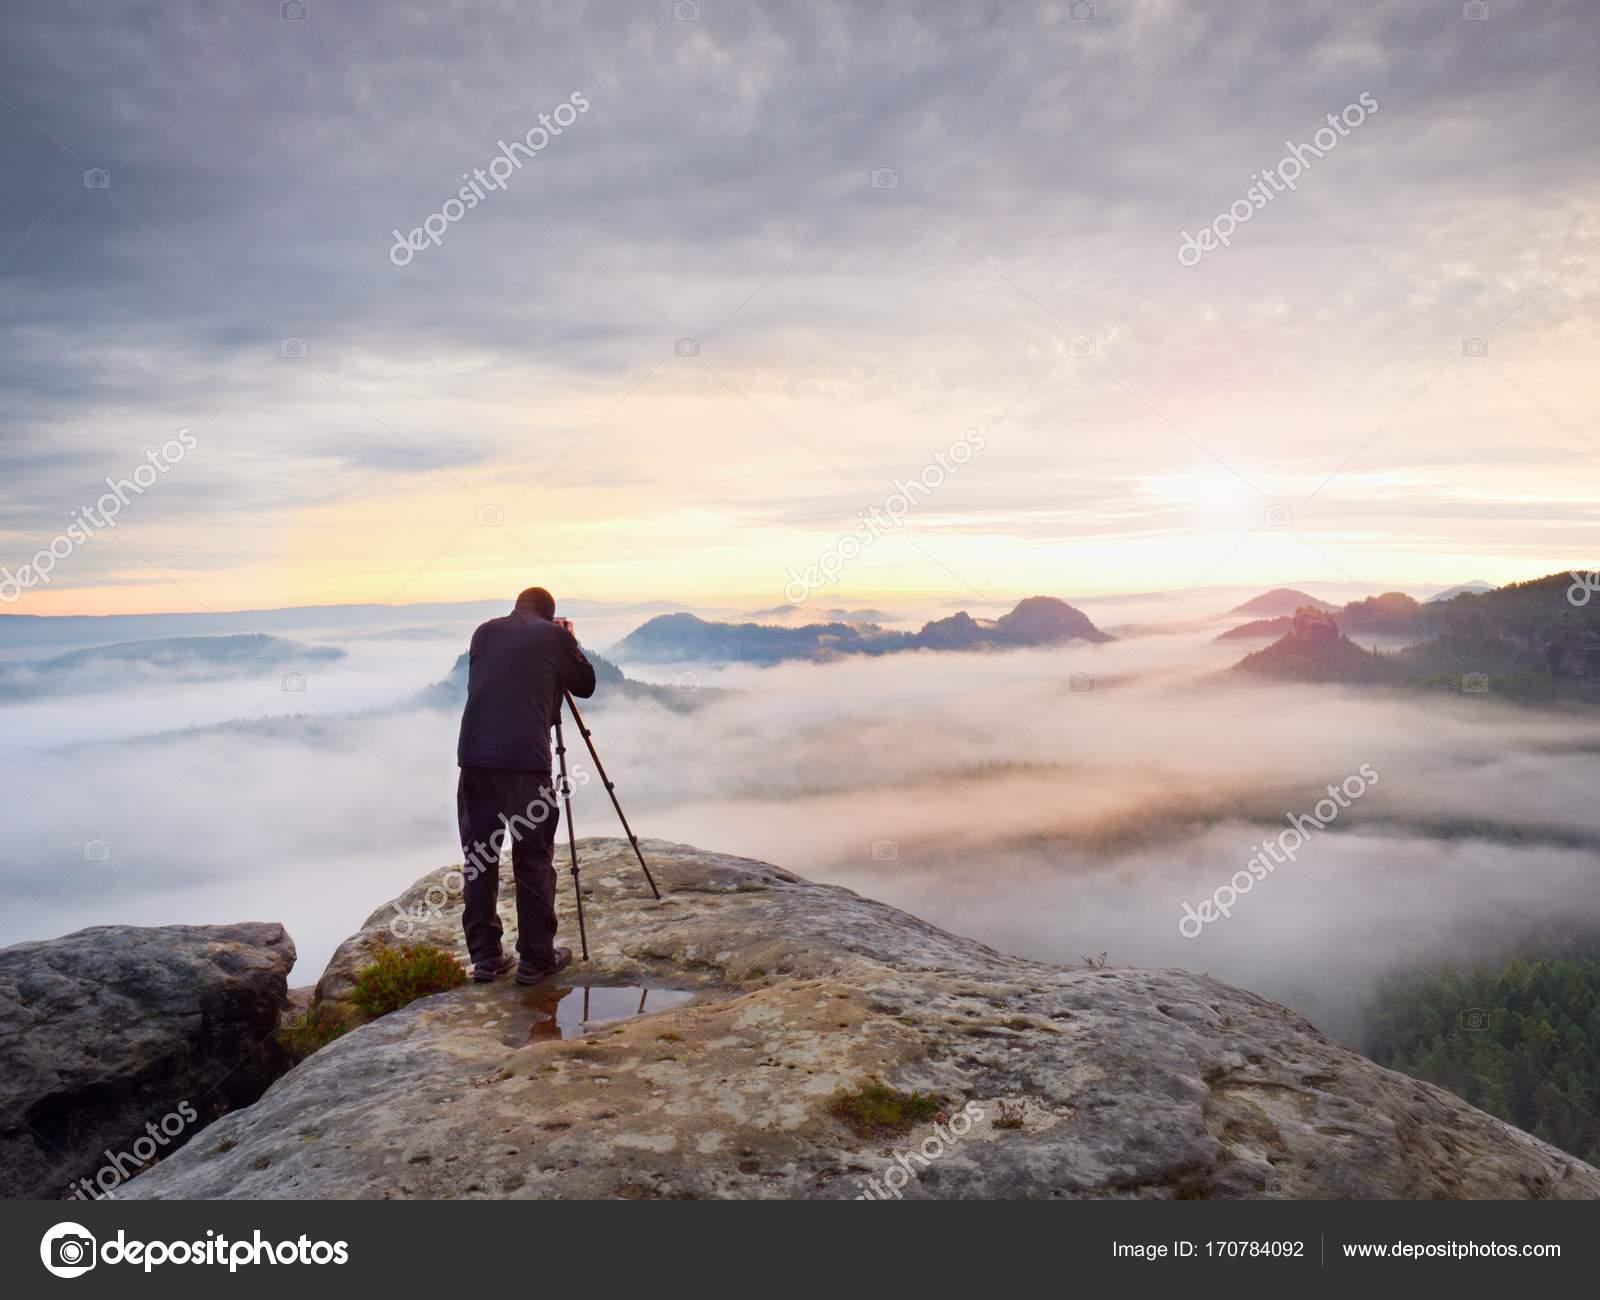 Fotograf Rahmung Bild mit Sucher im Auge. Foto-Enthusiasten genießen ...